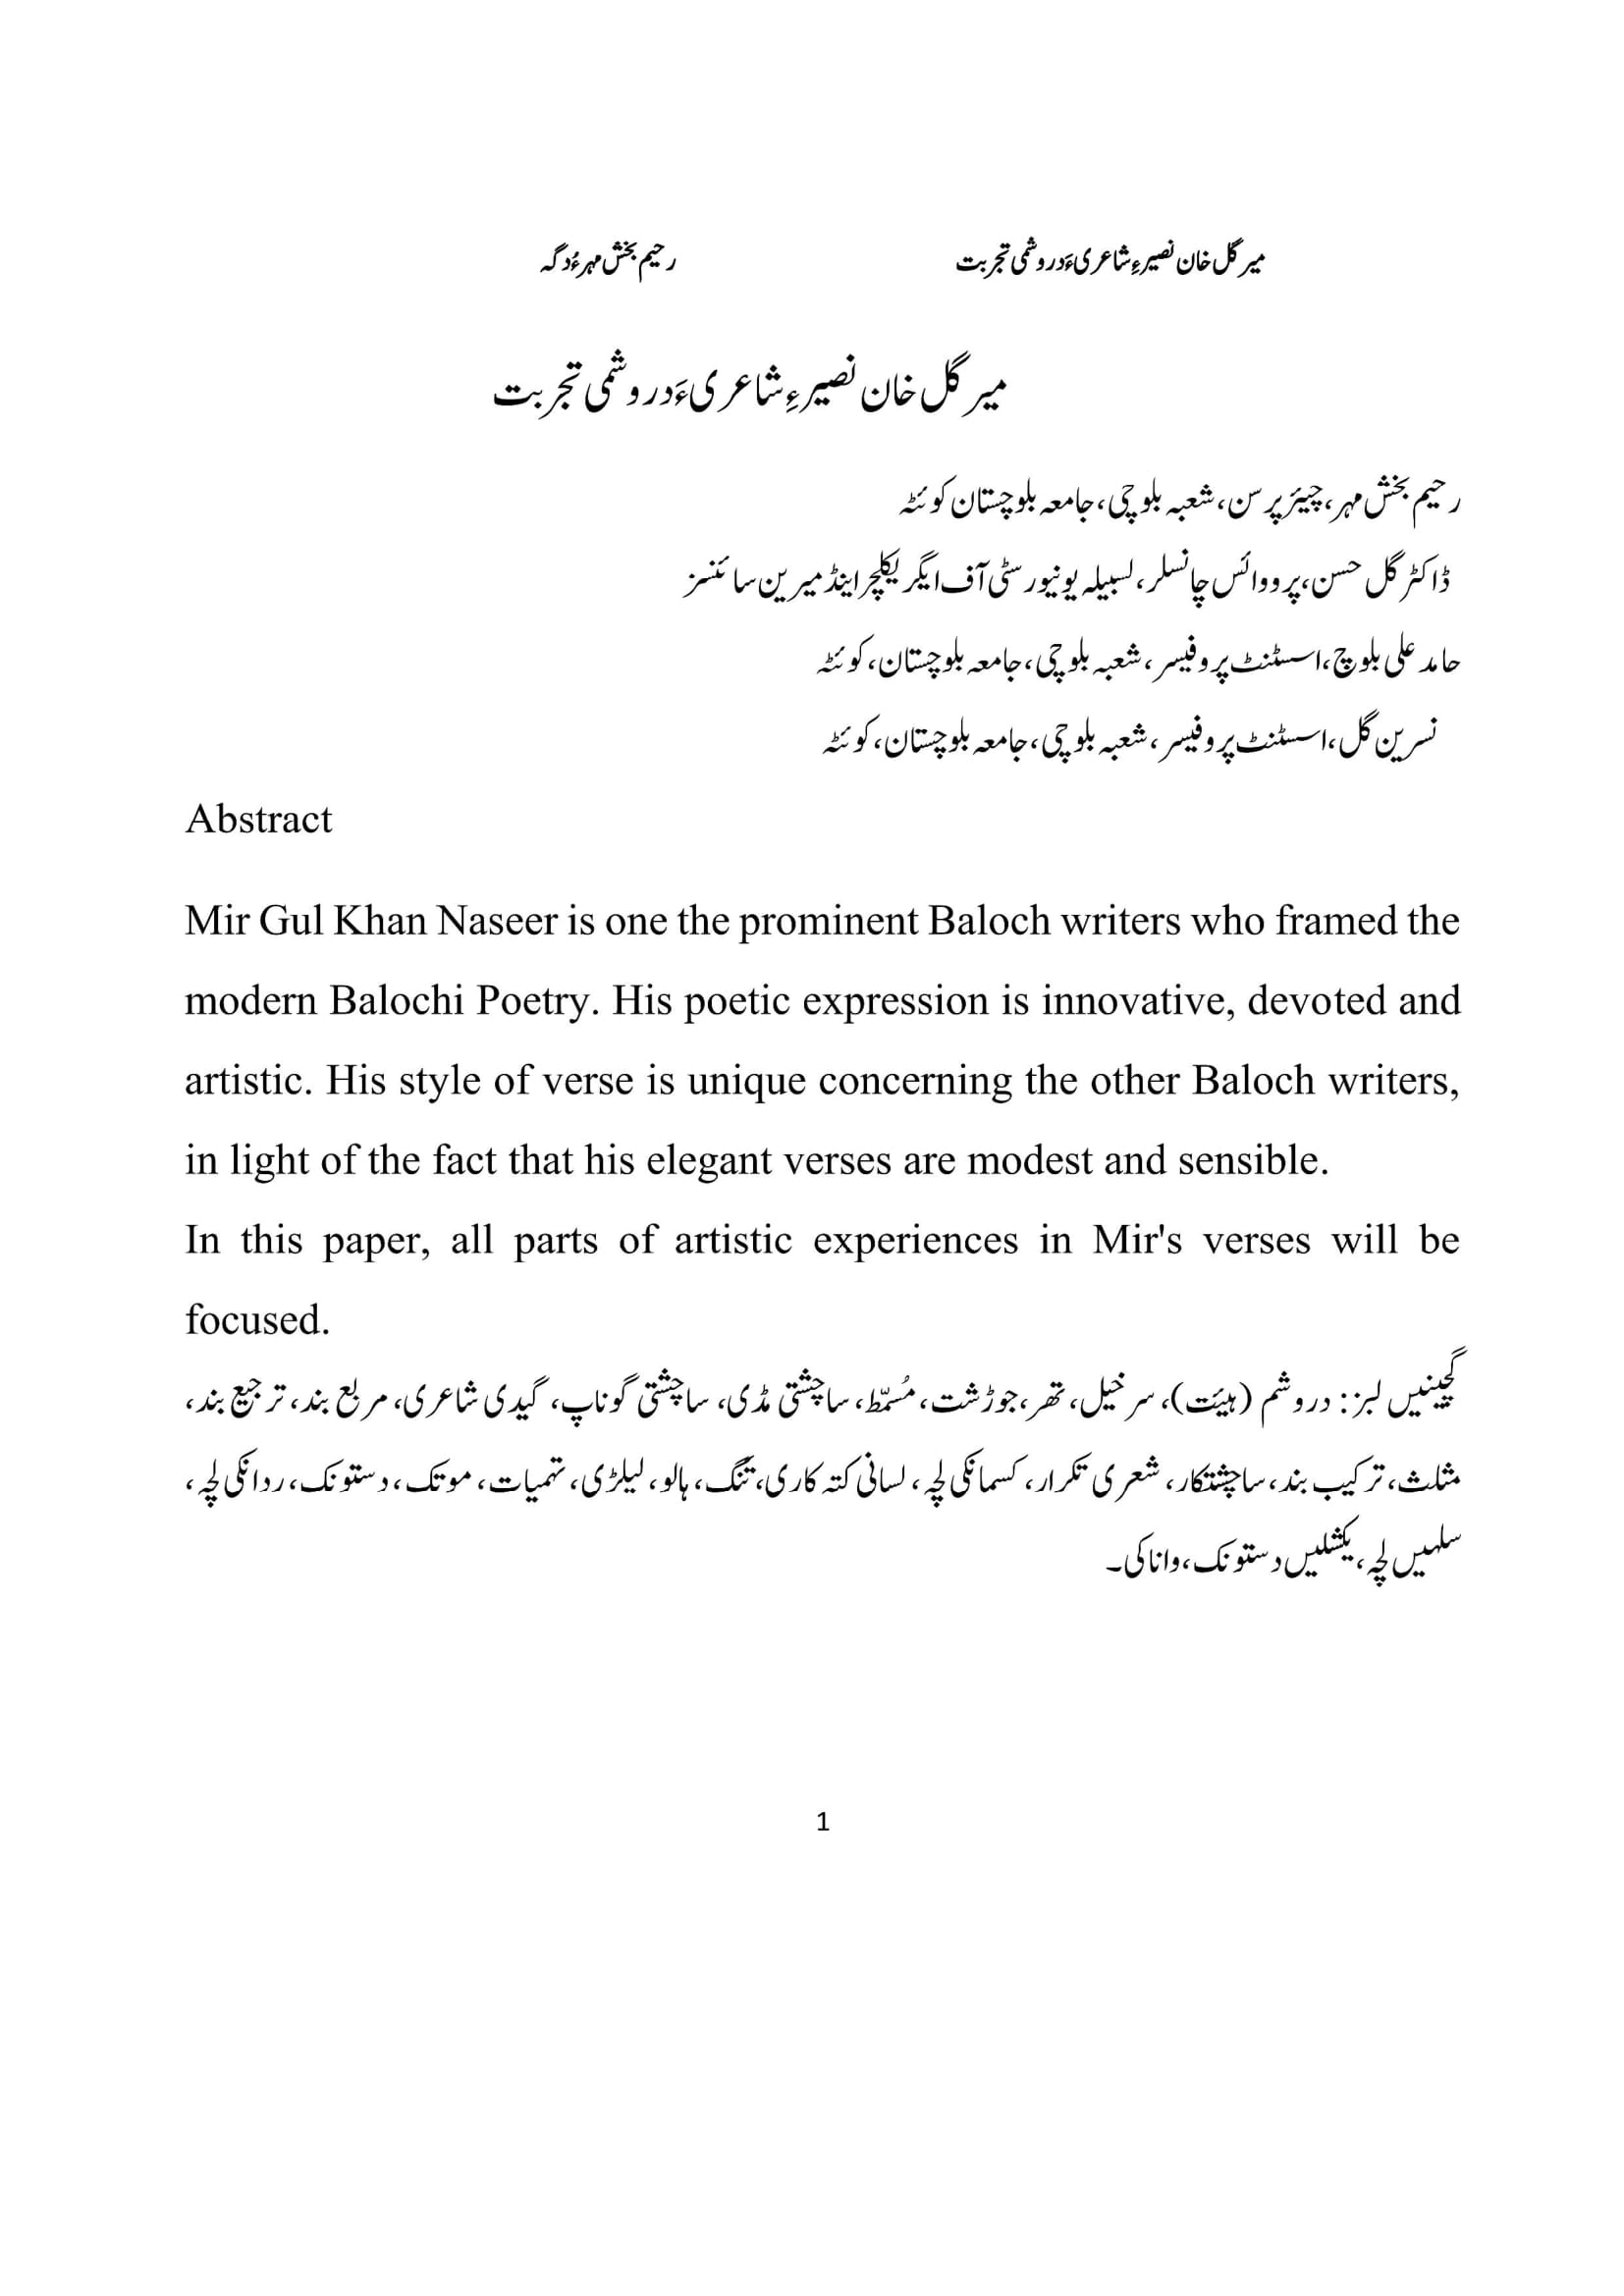 میر گل خان نصیرءِ شاعریءَ دروشمی تجربت